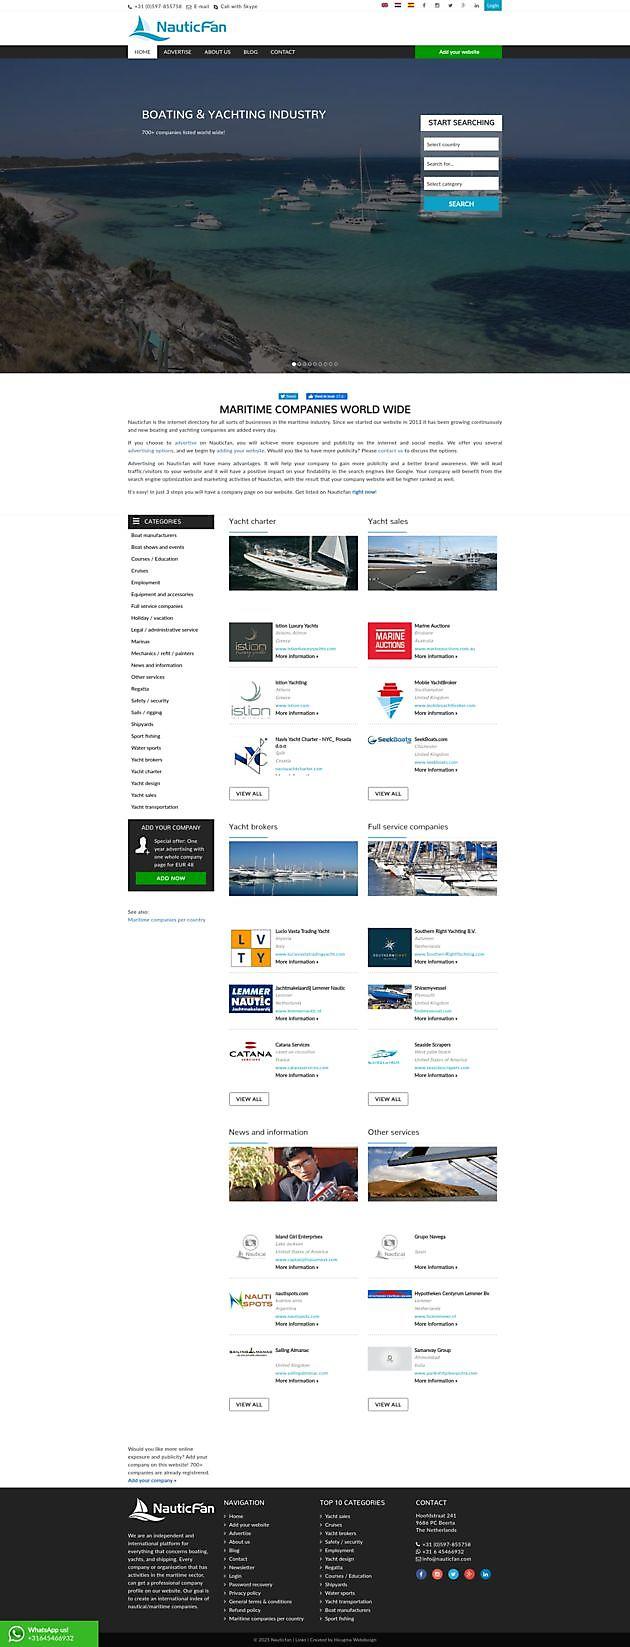 Nauticfan, Beerta - Hoogma Webdesign Beerta